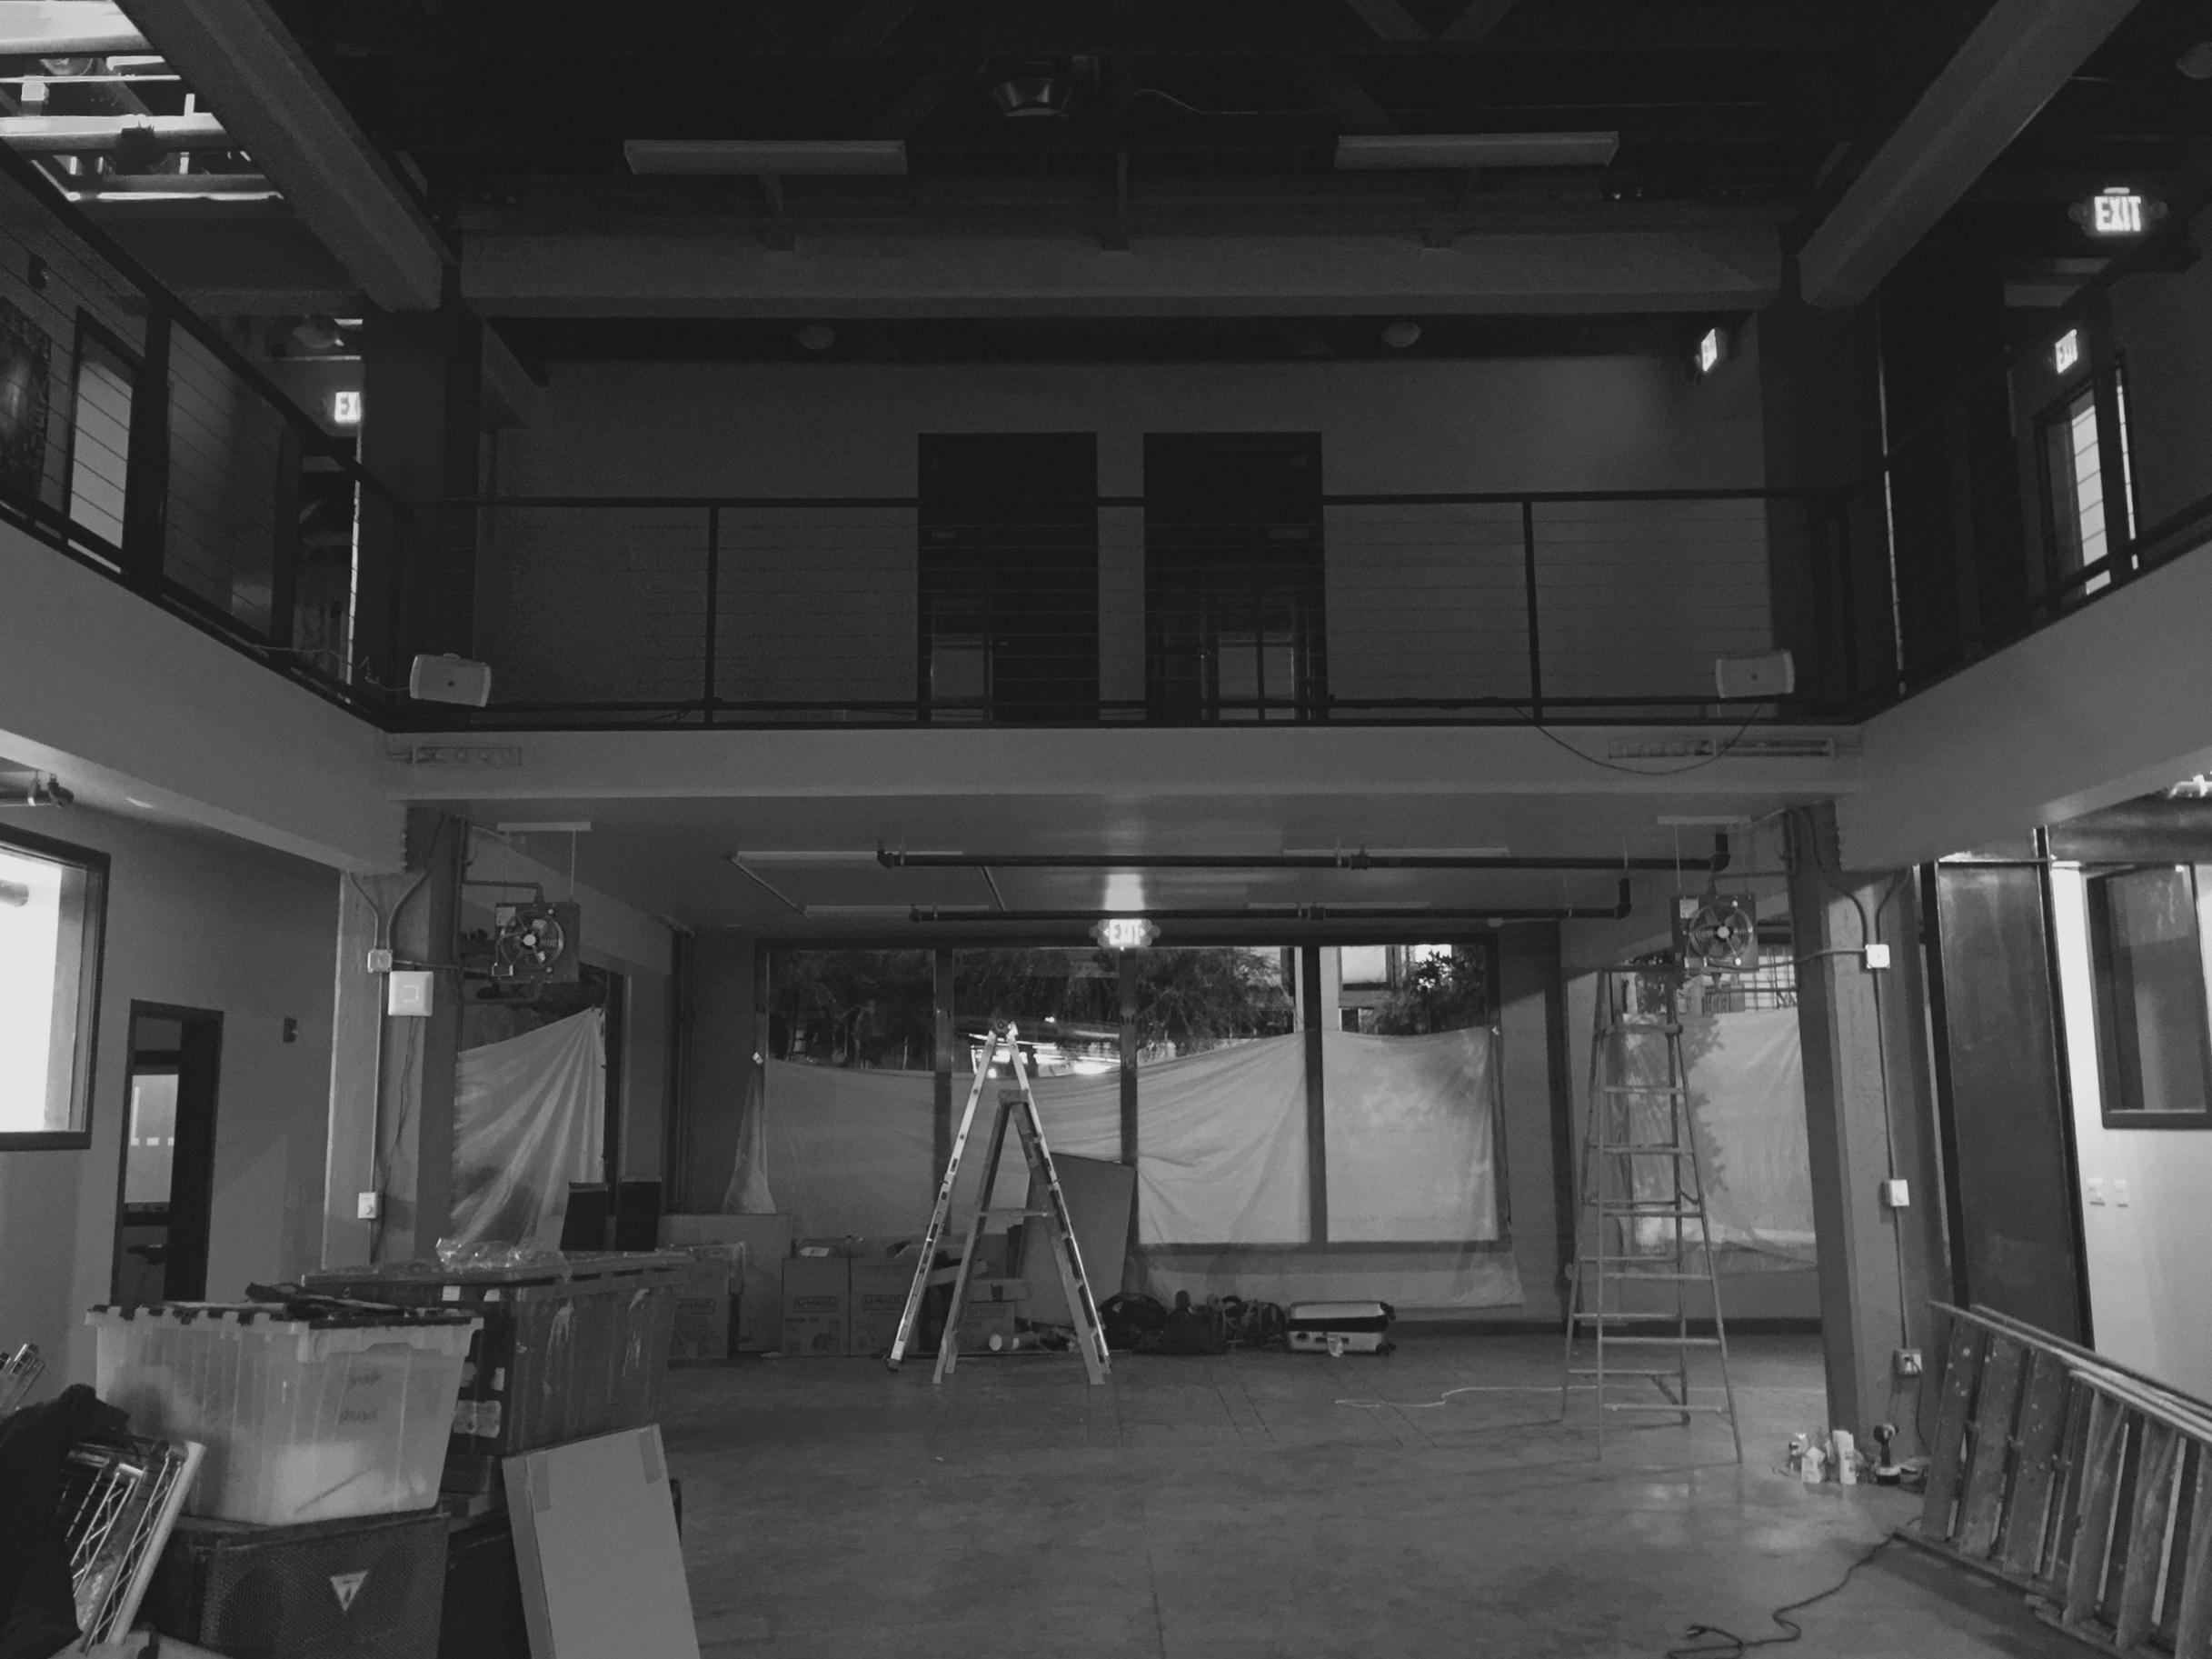 Warehouse in progress